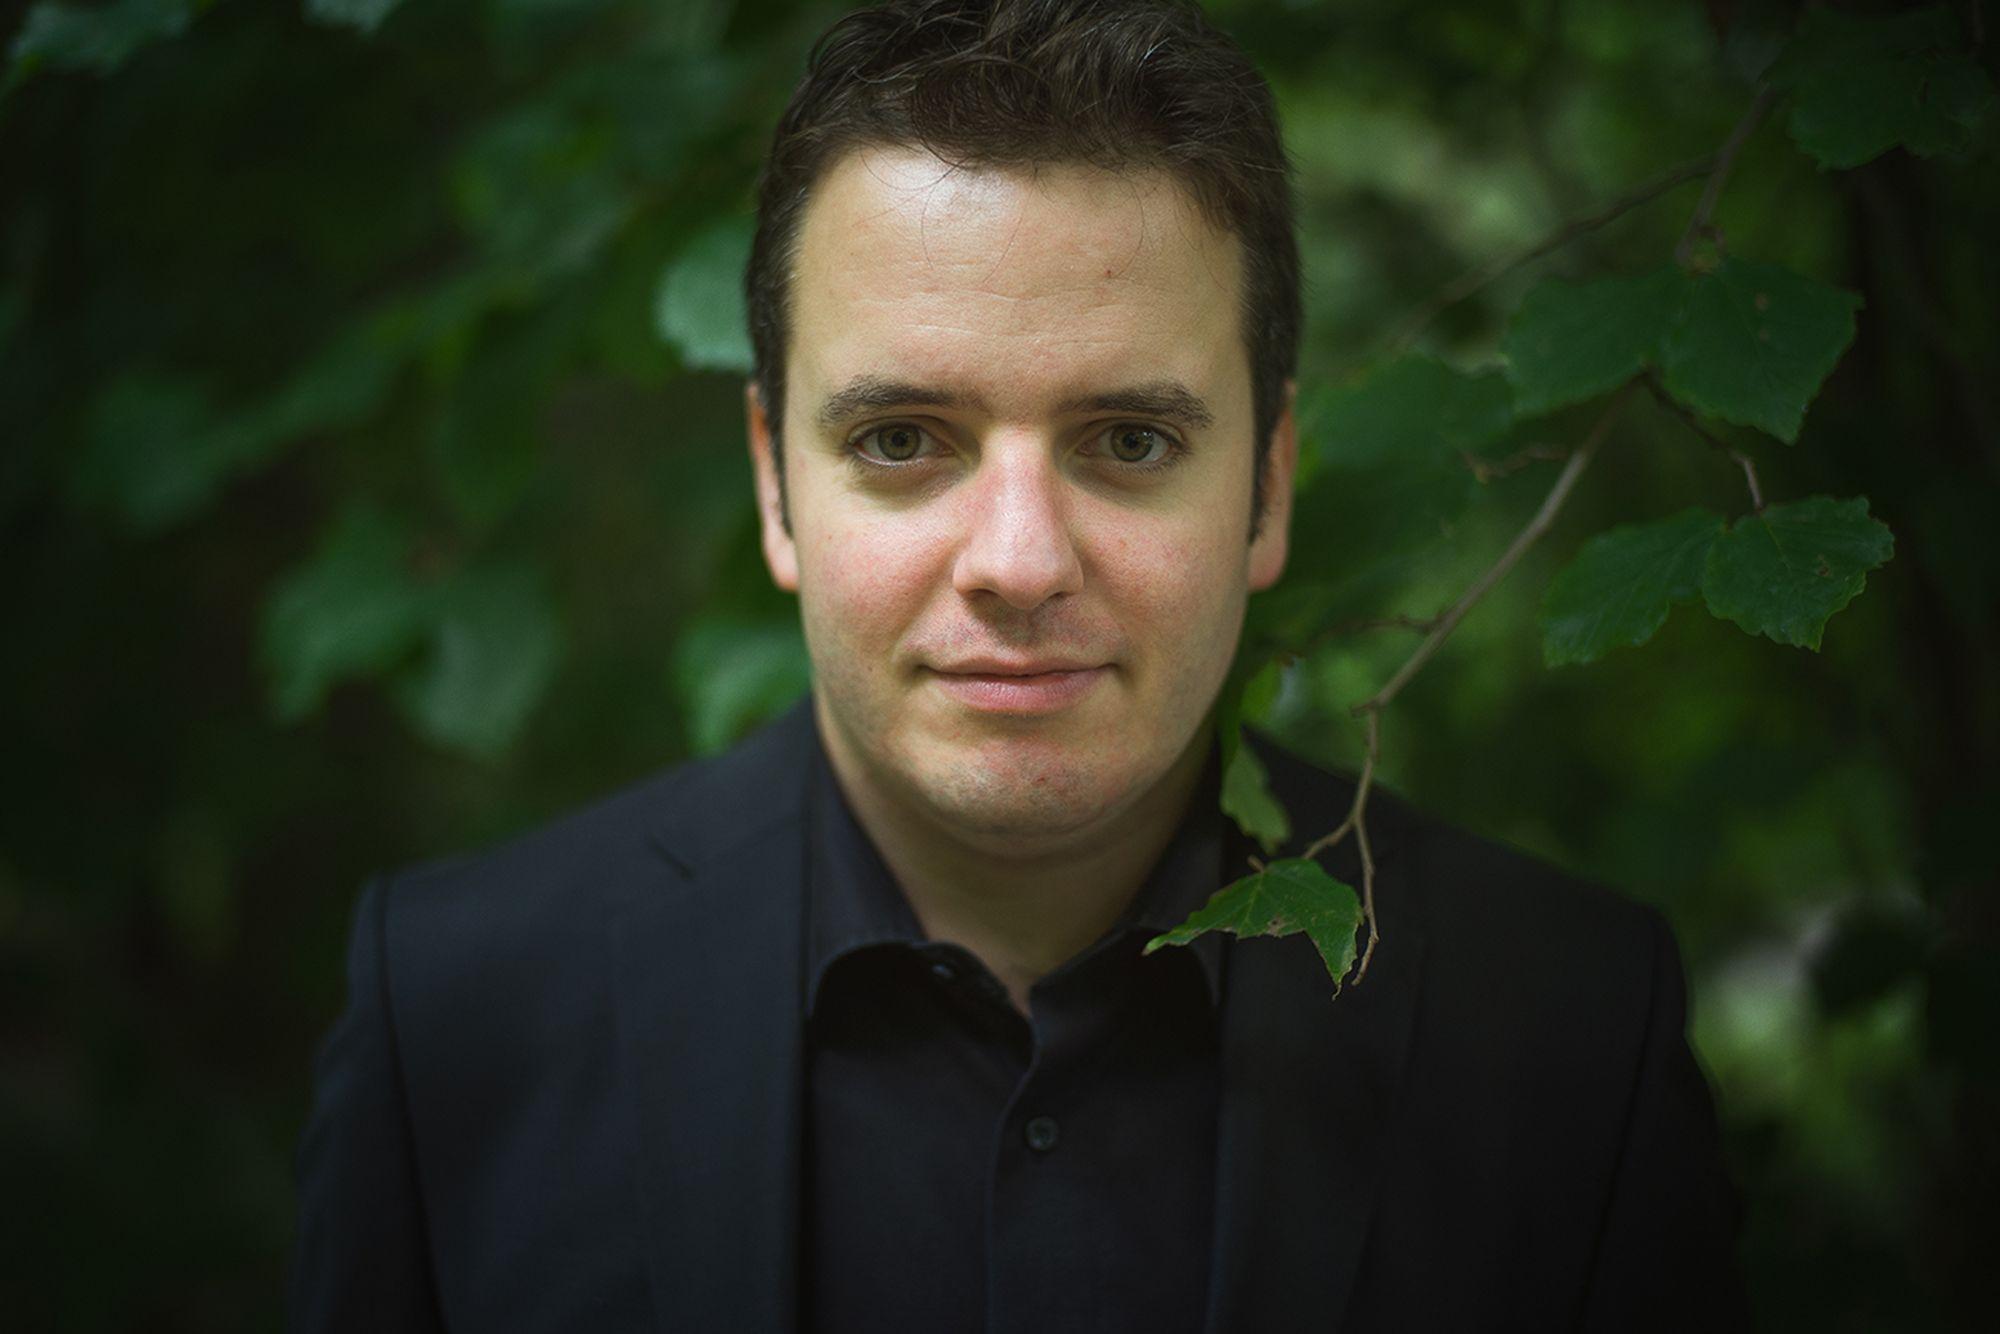 Johan Dupont